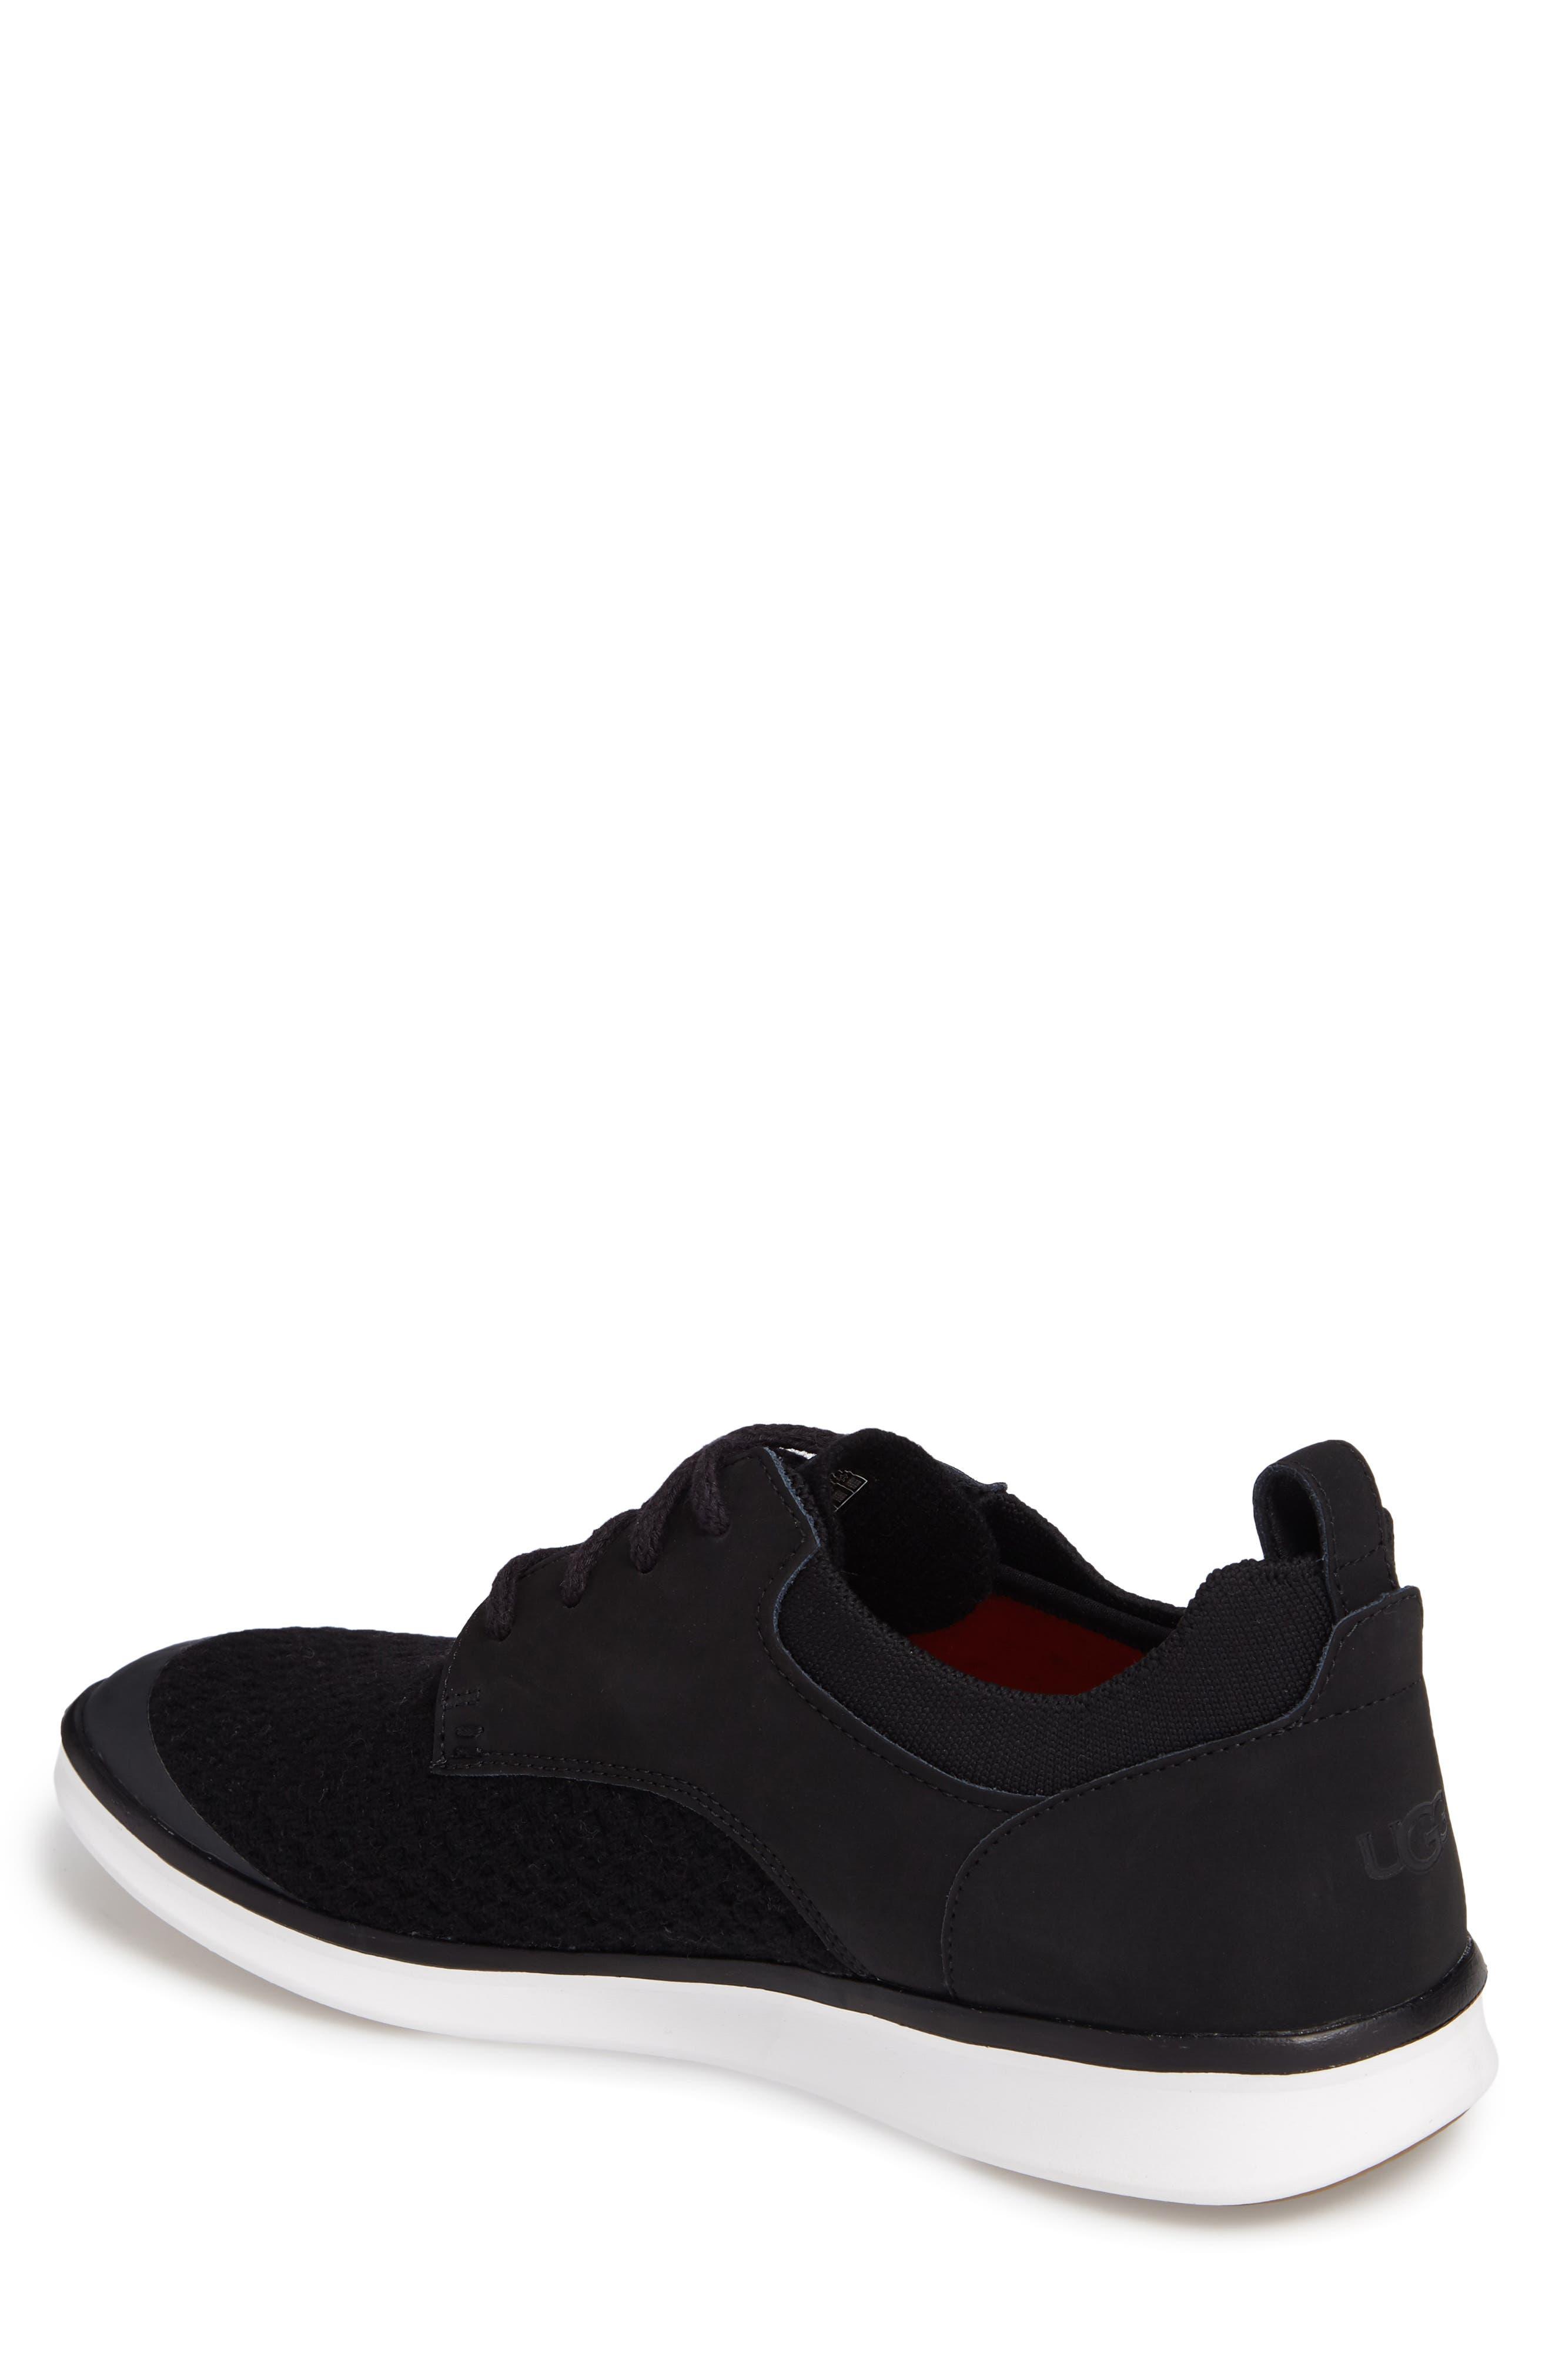 Hepner HyperWeave Sneaker,                             Alternate thumbnail 2, color,                             001